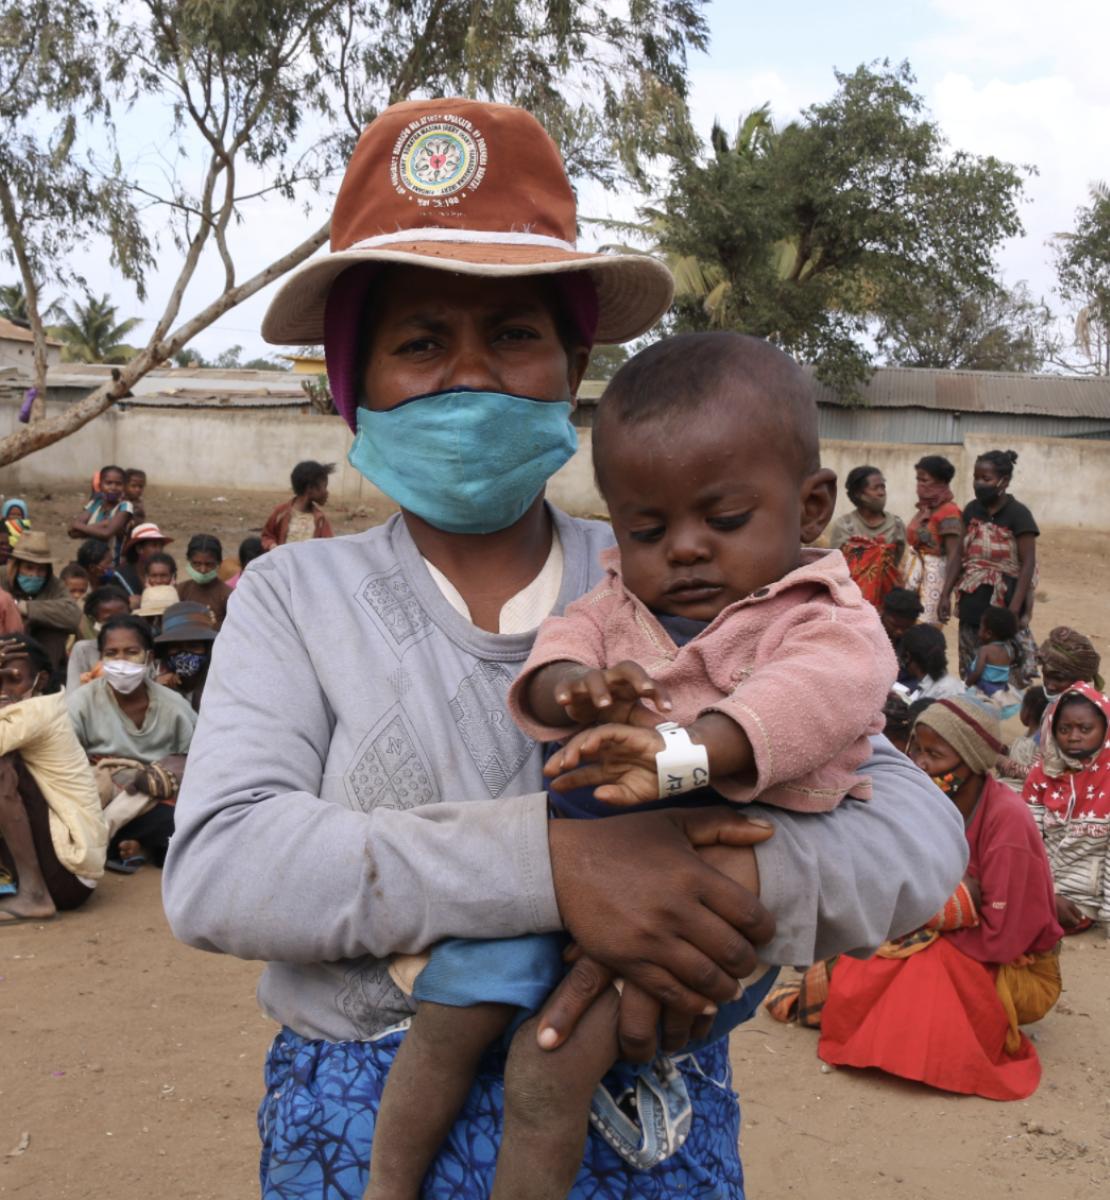 一个戴着面具和帽子的妇女怀里抱着一个婴儿,一大群人坐在她身后。